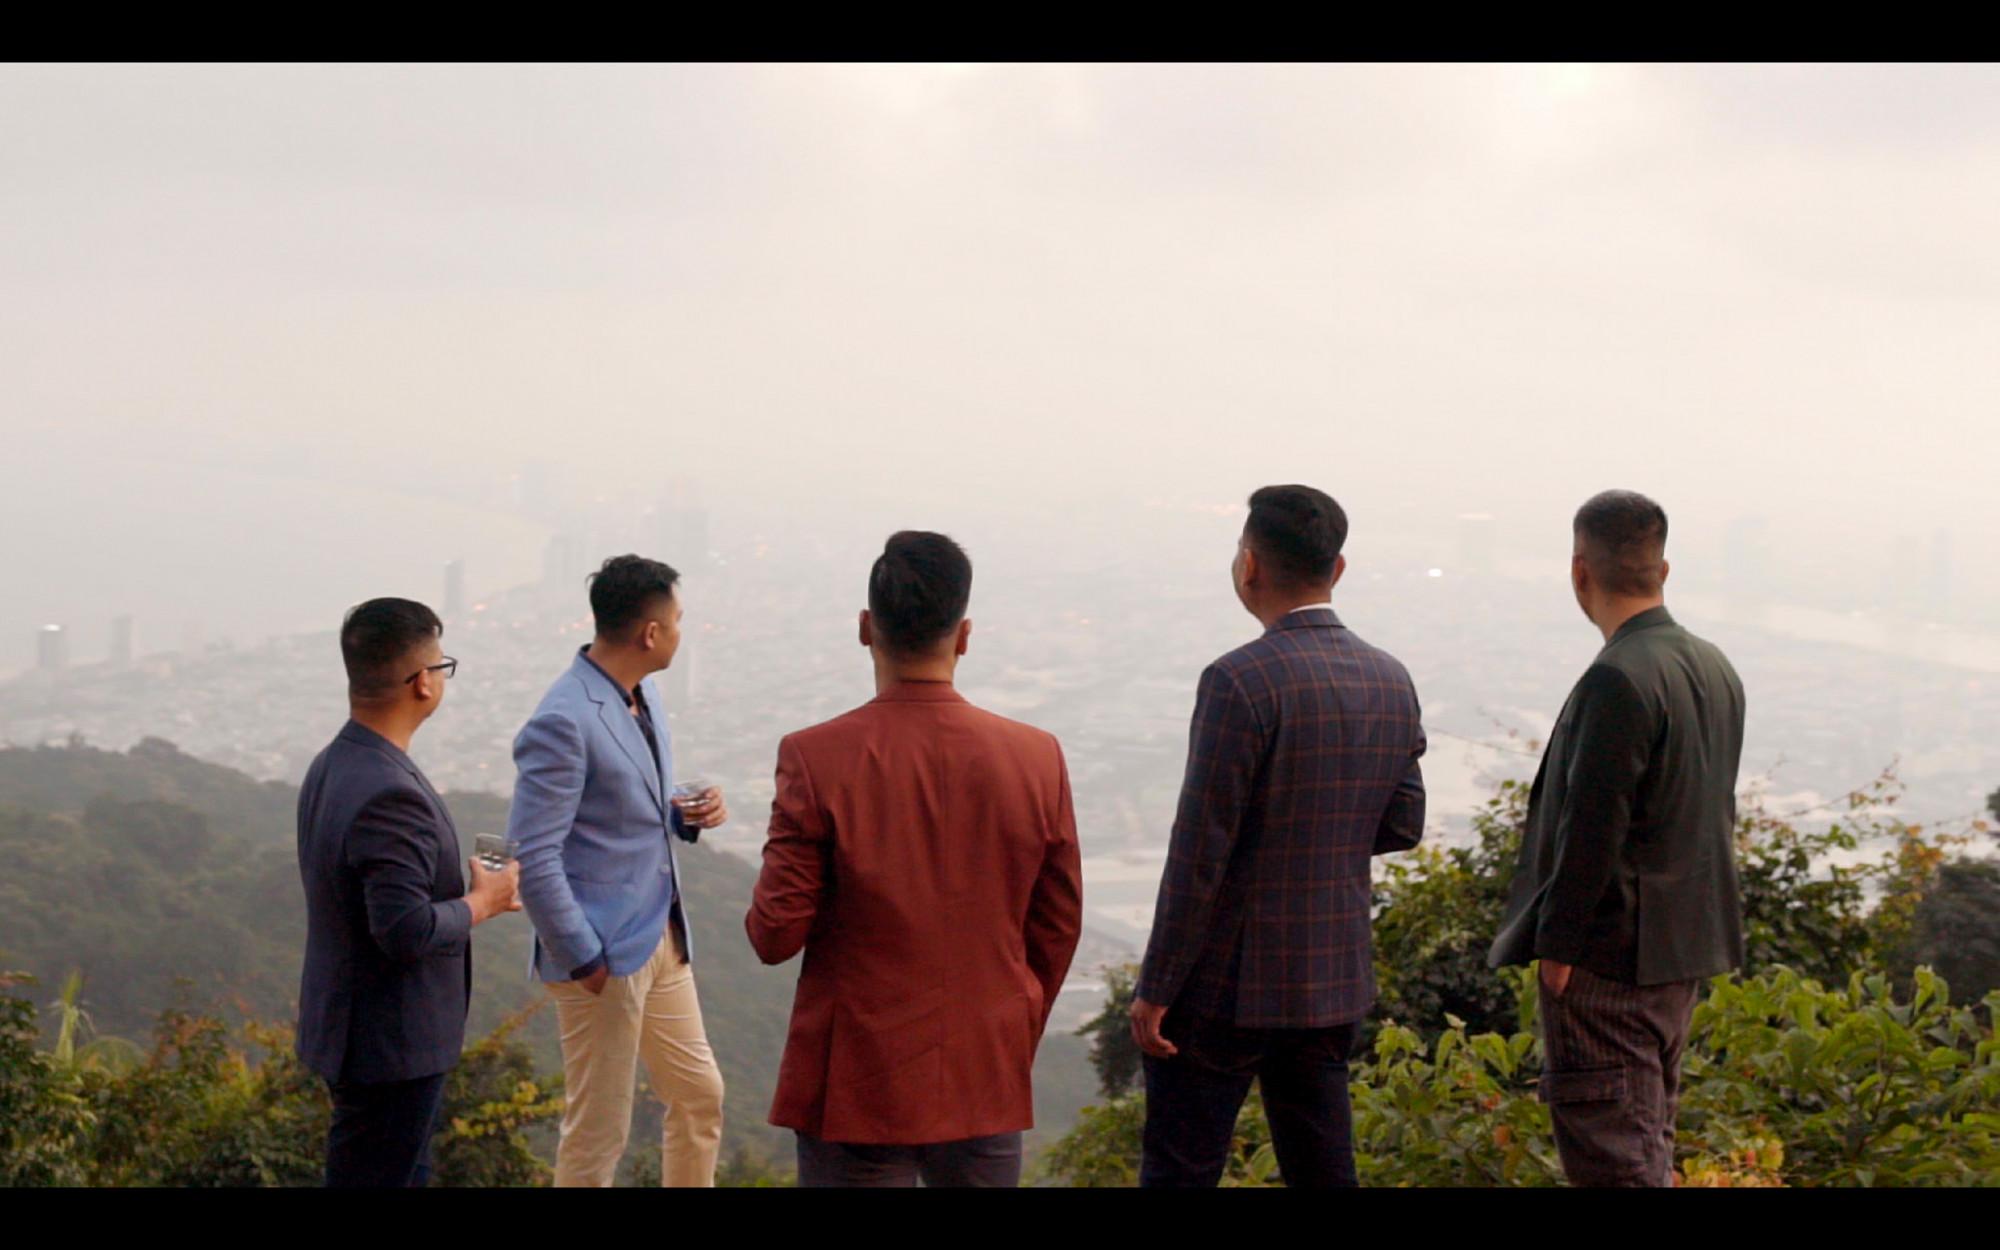 Ông Trương Châu Hữu Danh cùng một số người có liên quan - Ảnh: facebook nhân vật